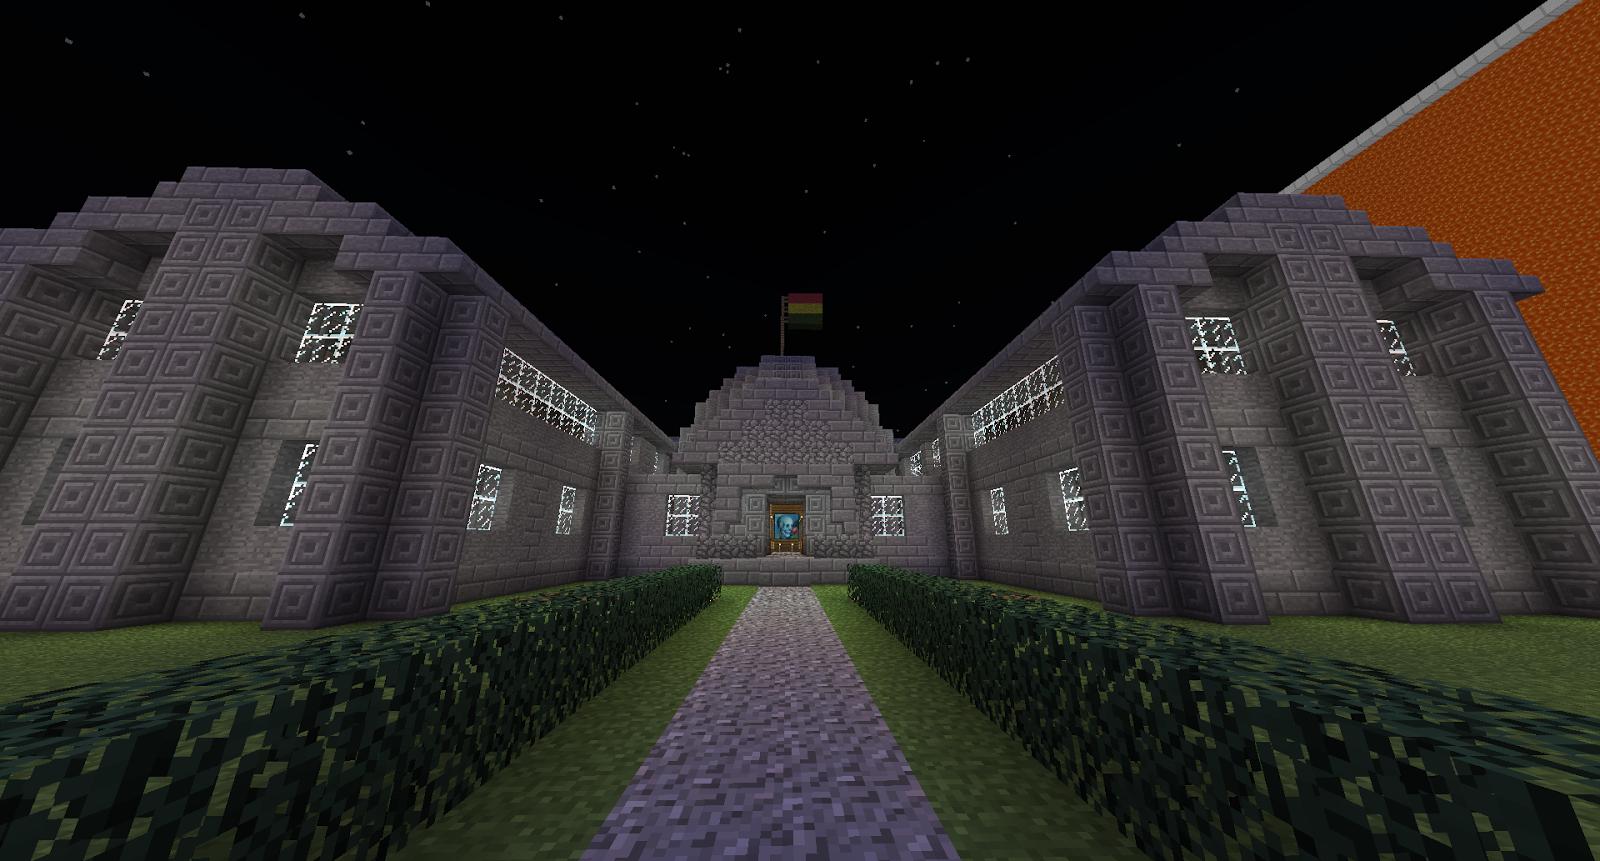 The parliament es mi ejemplo mas claro de arquitectura clásica en minecraft me llevo poco tiempo planificar el edificio a mano aunque a la hora de la